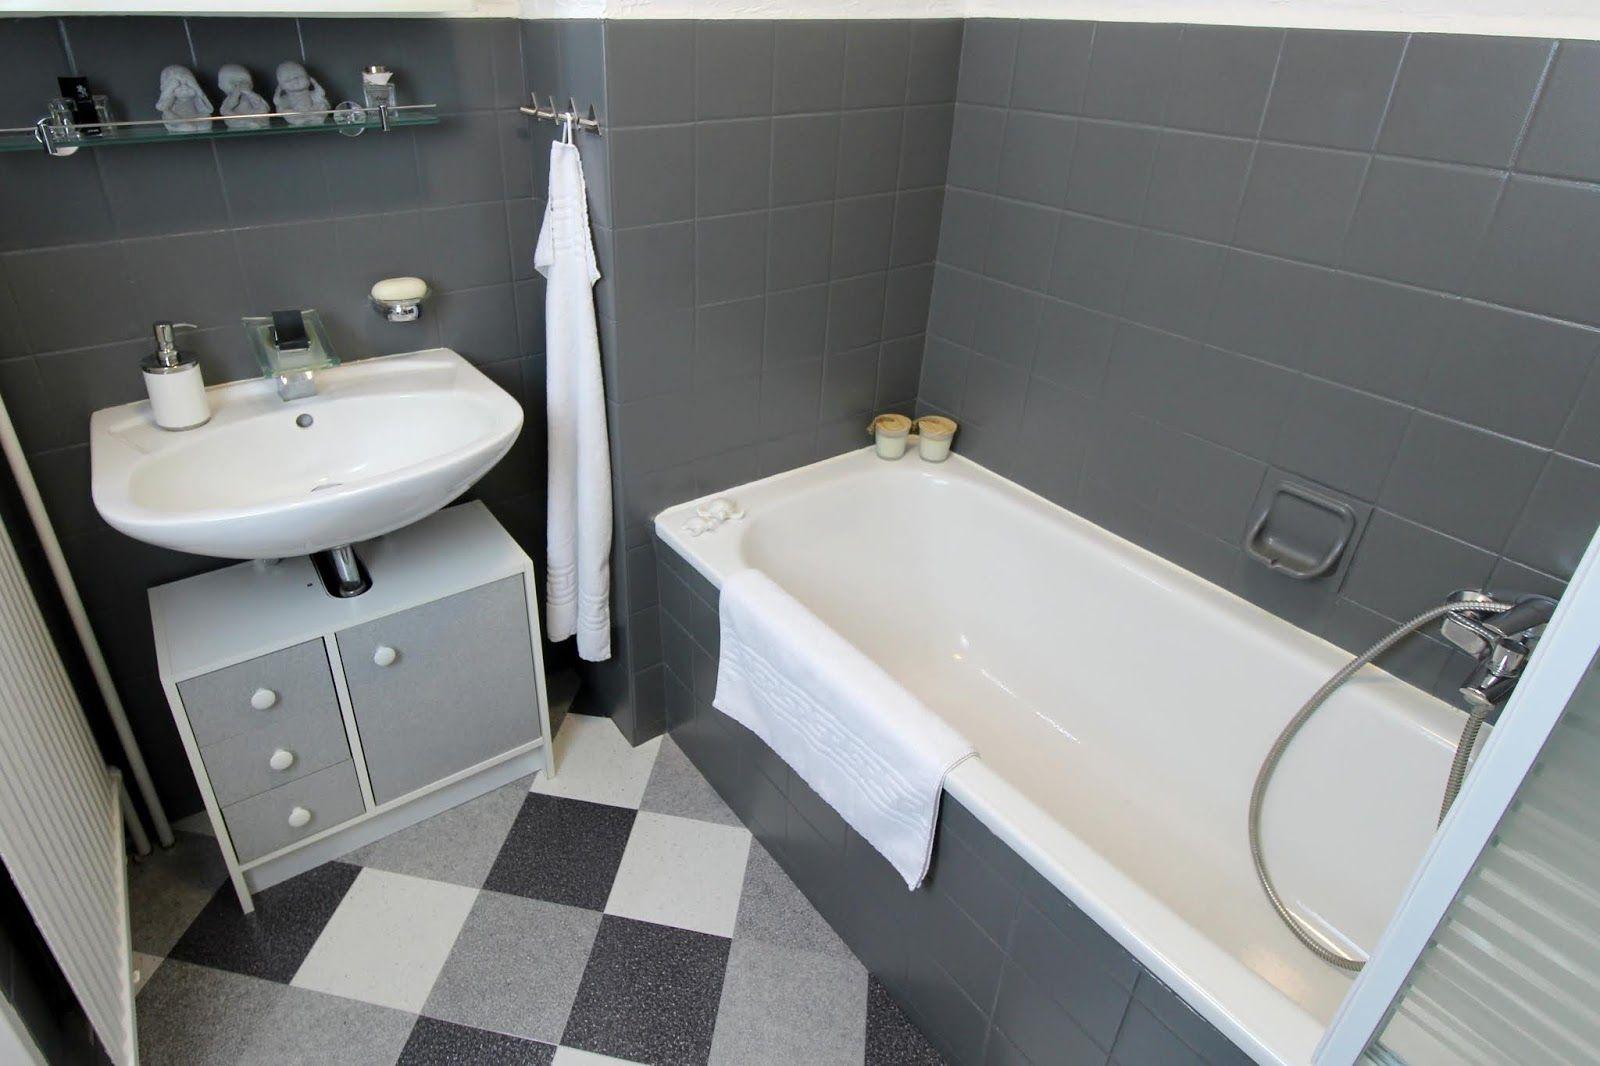 Diy Badezimmer Streichen Und Renovieren Mit Fliesenfarbe Badezimmer Badezimmer Streichen Neues Badezimmer